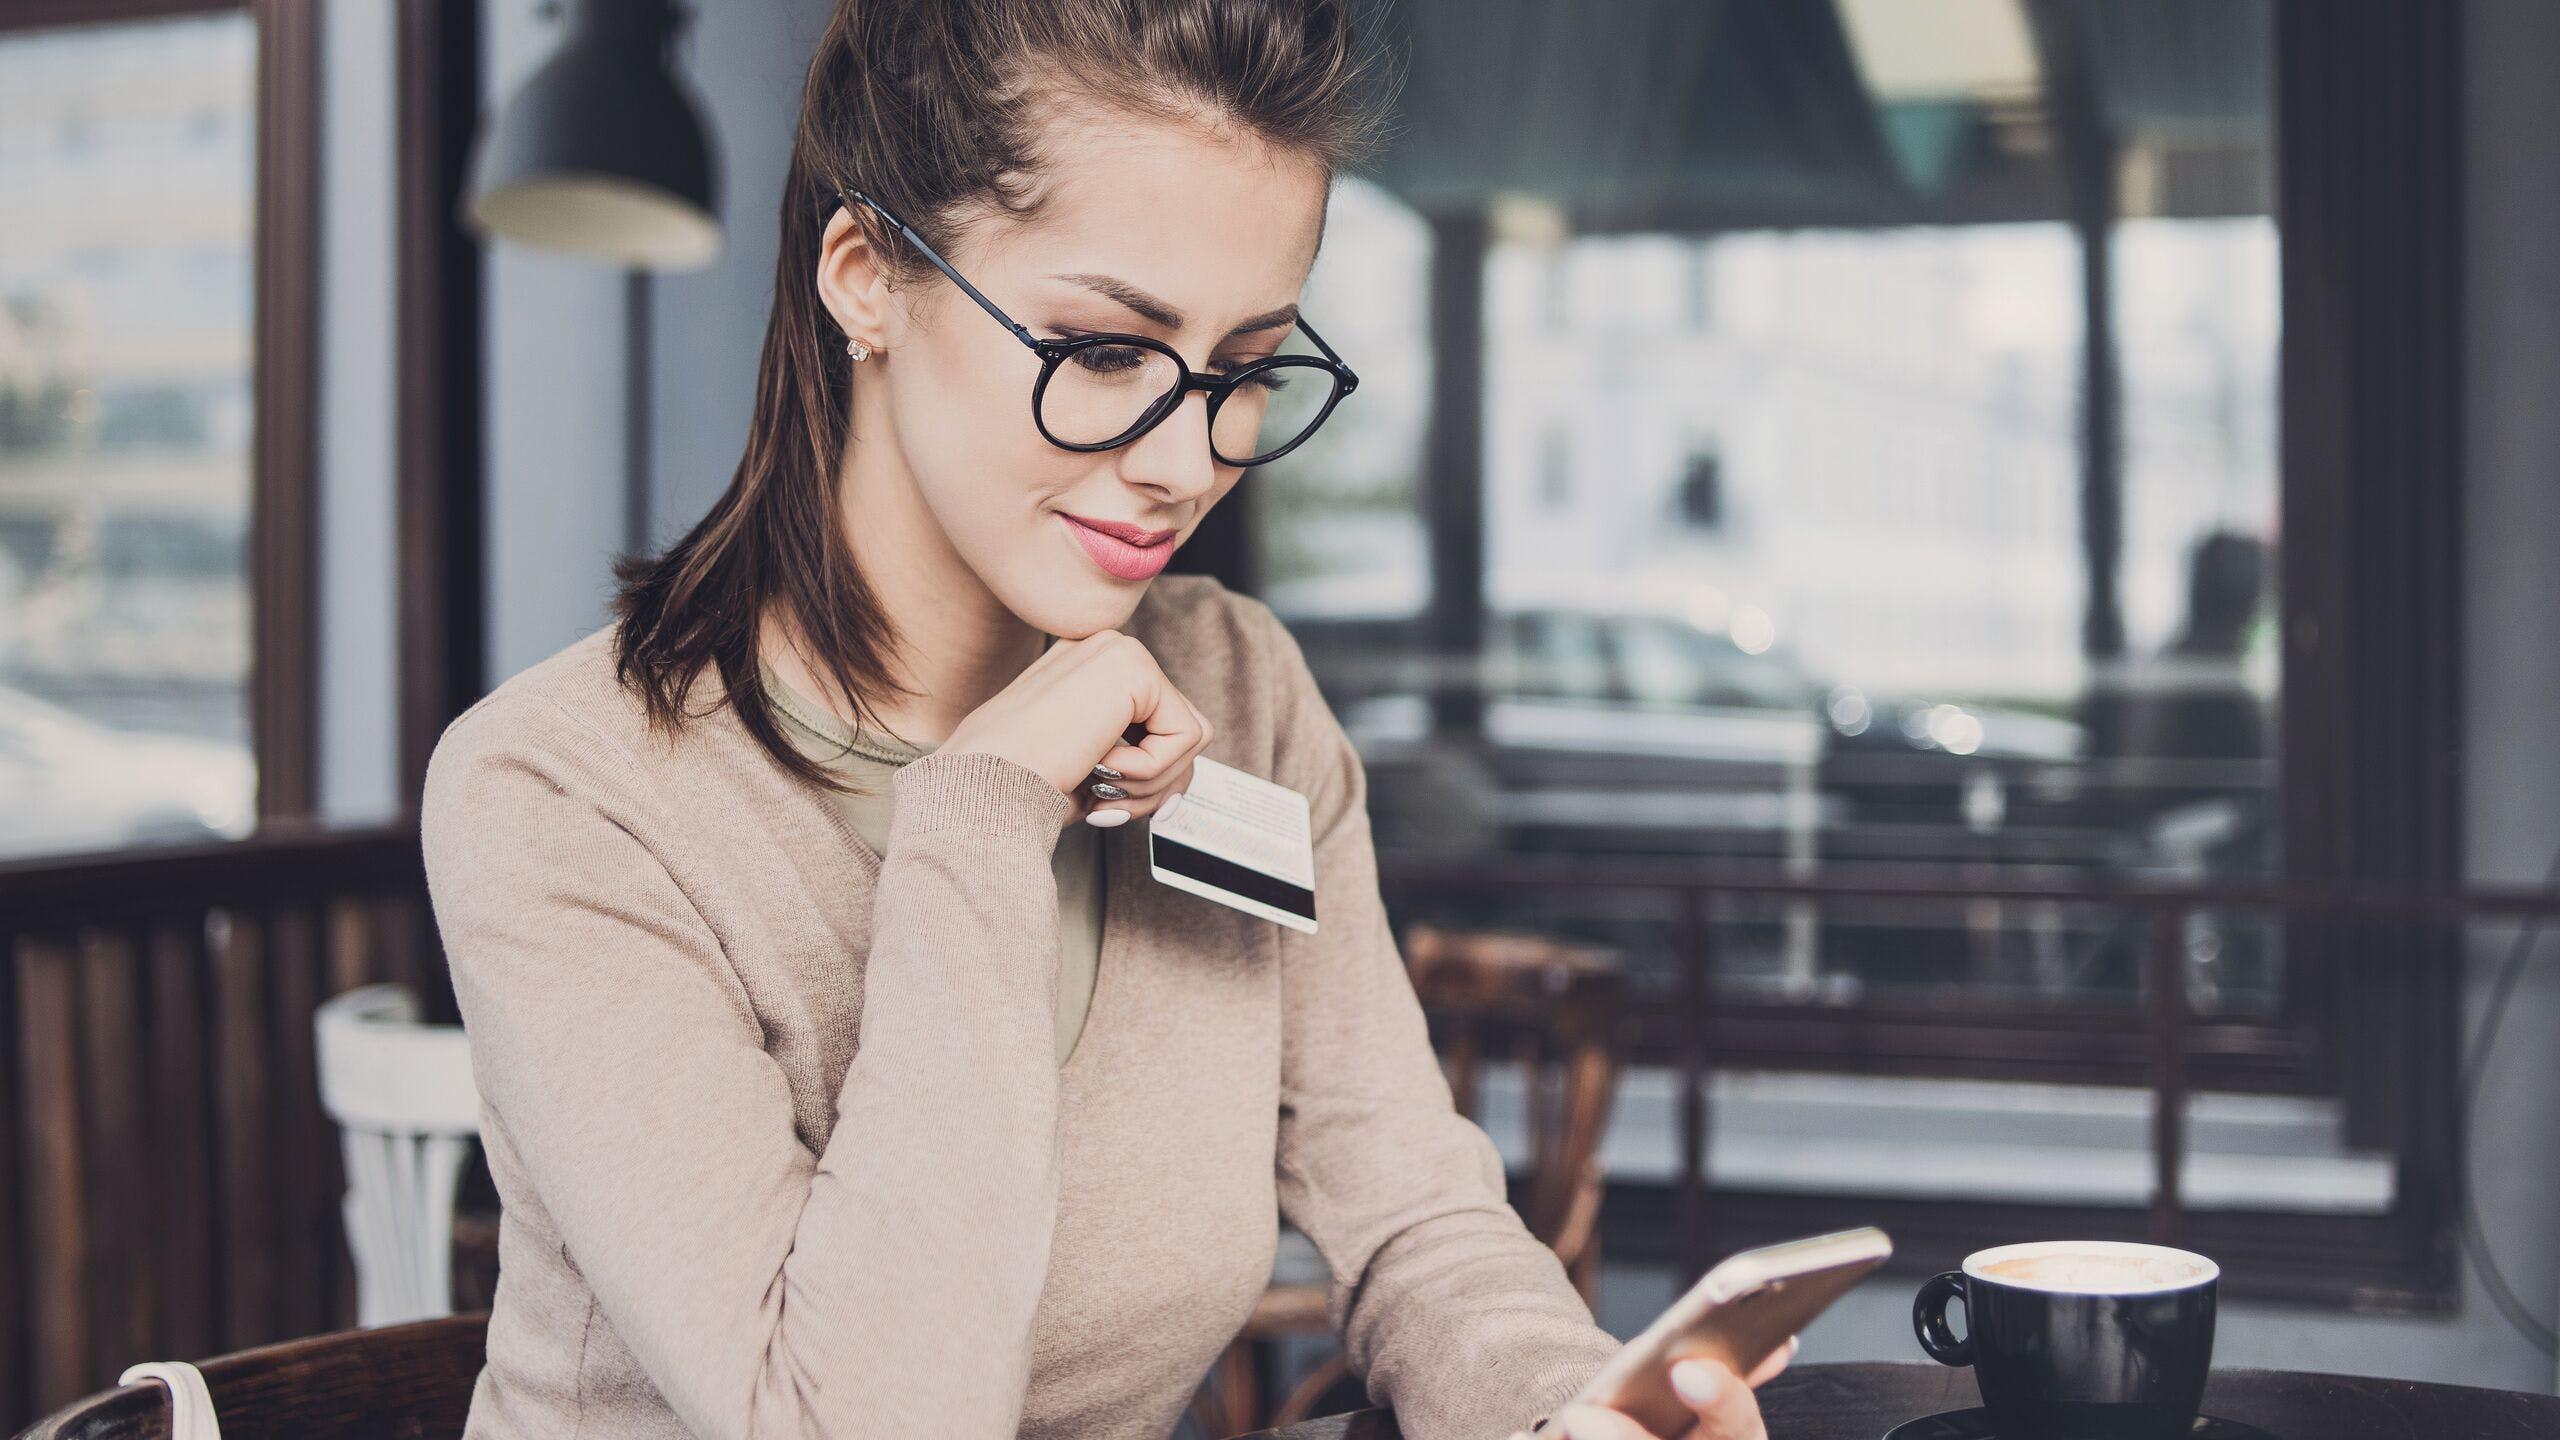 AXA Luxembourg - Acheter sur des sites de seconde main sans système de paiement sécurisé